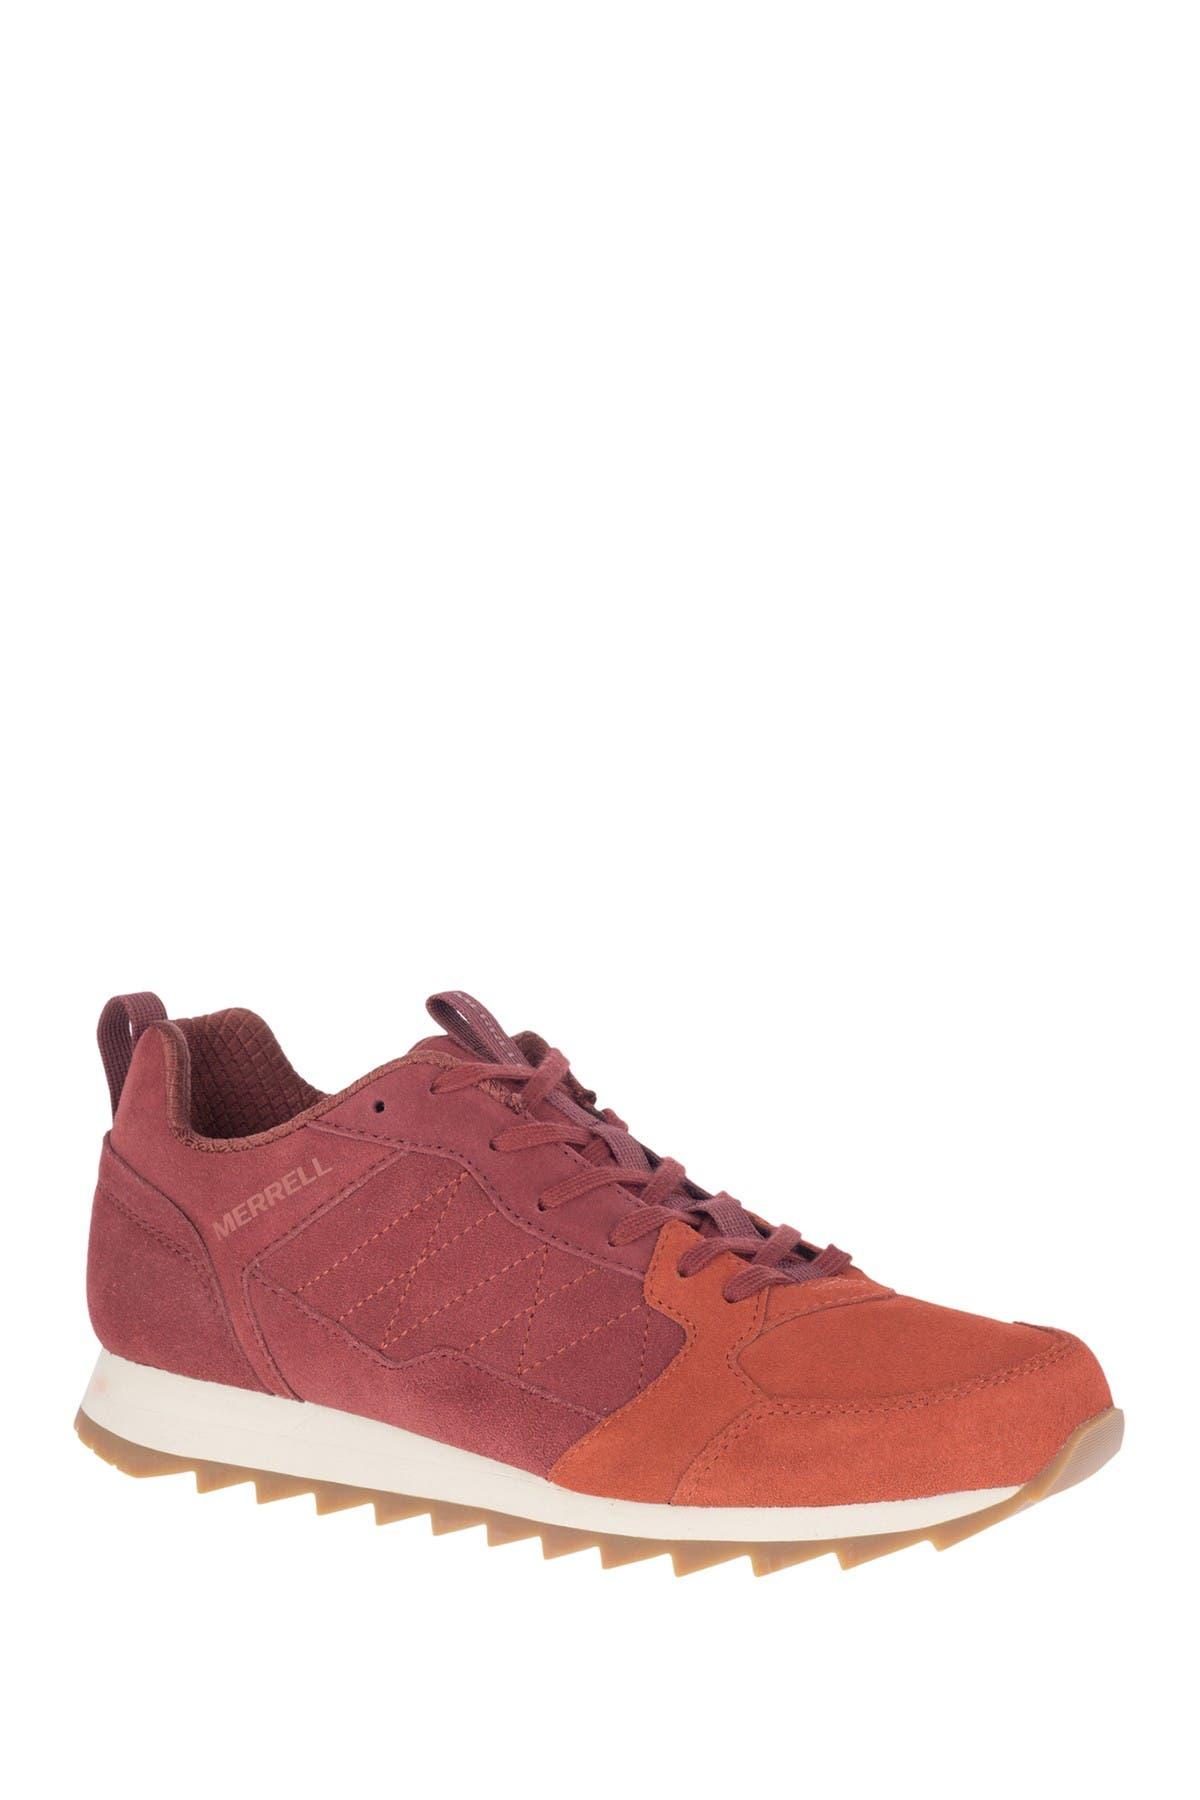 Image of Merrell Alpine Suede Sneaker